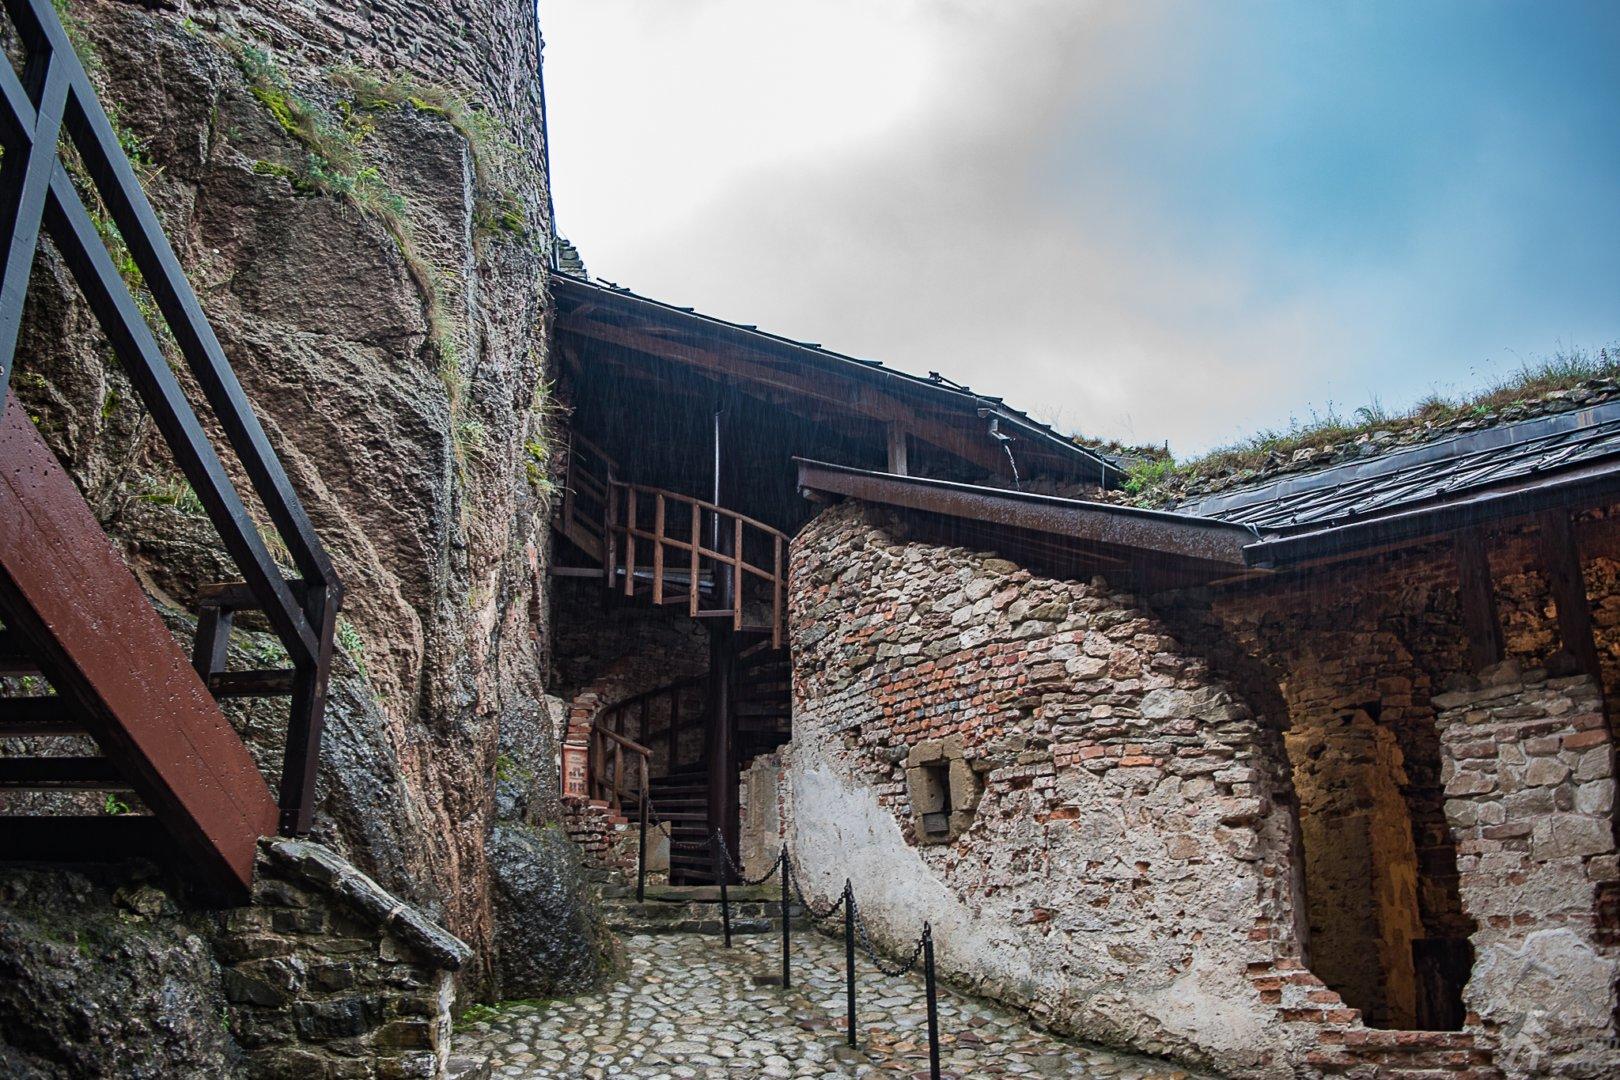 Zamek w Czorsztynie - dziedziniec